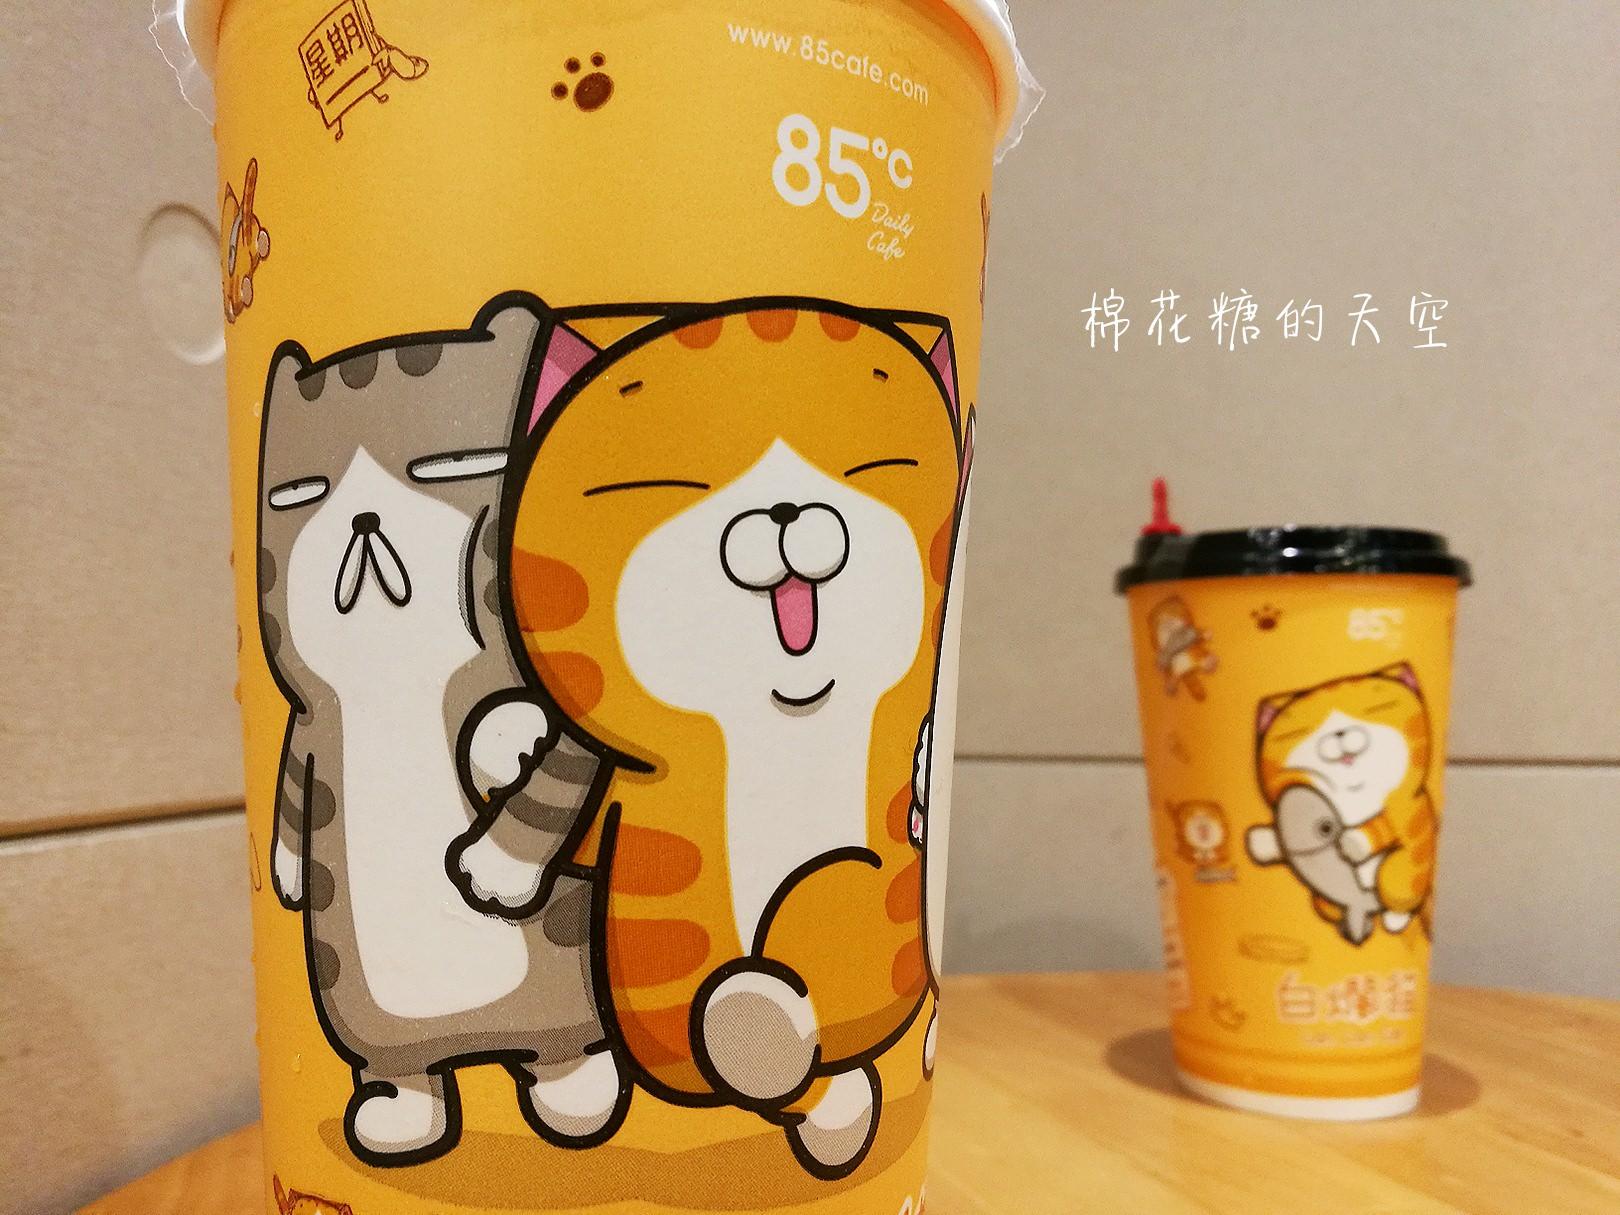 20180416201520 15 - 台中公益店佩佩豬蛋糕來囉!還有白爛貓的聯名插畫杯